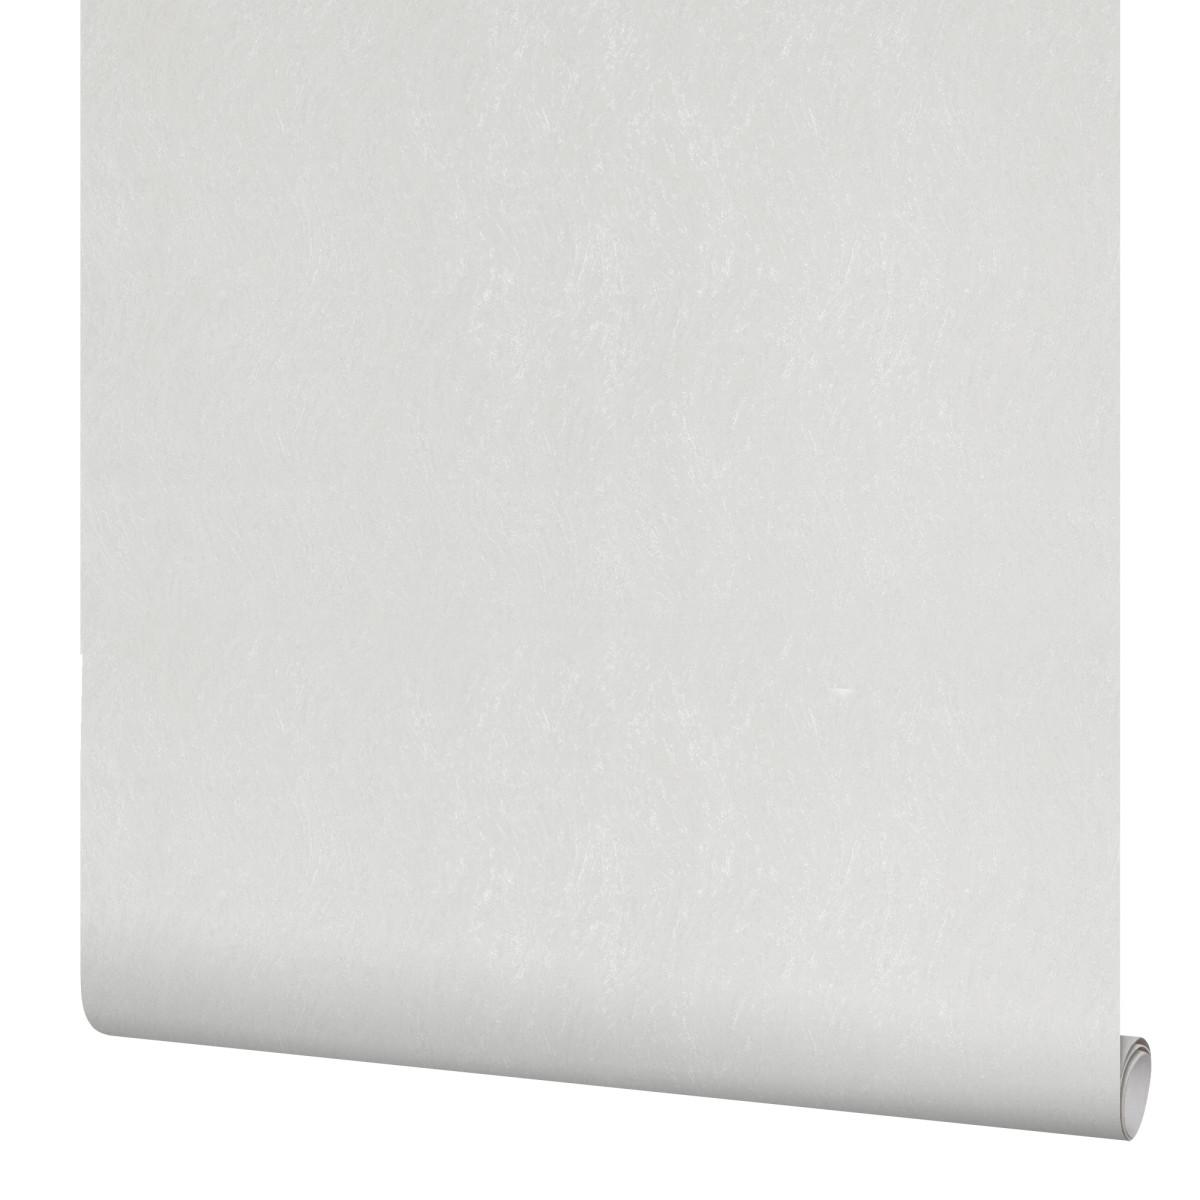 Обои флизелиновые Vog Collection Ар-нуво белые 1.06 м 90084-11